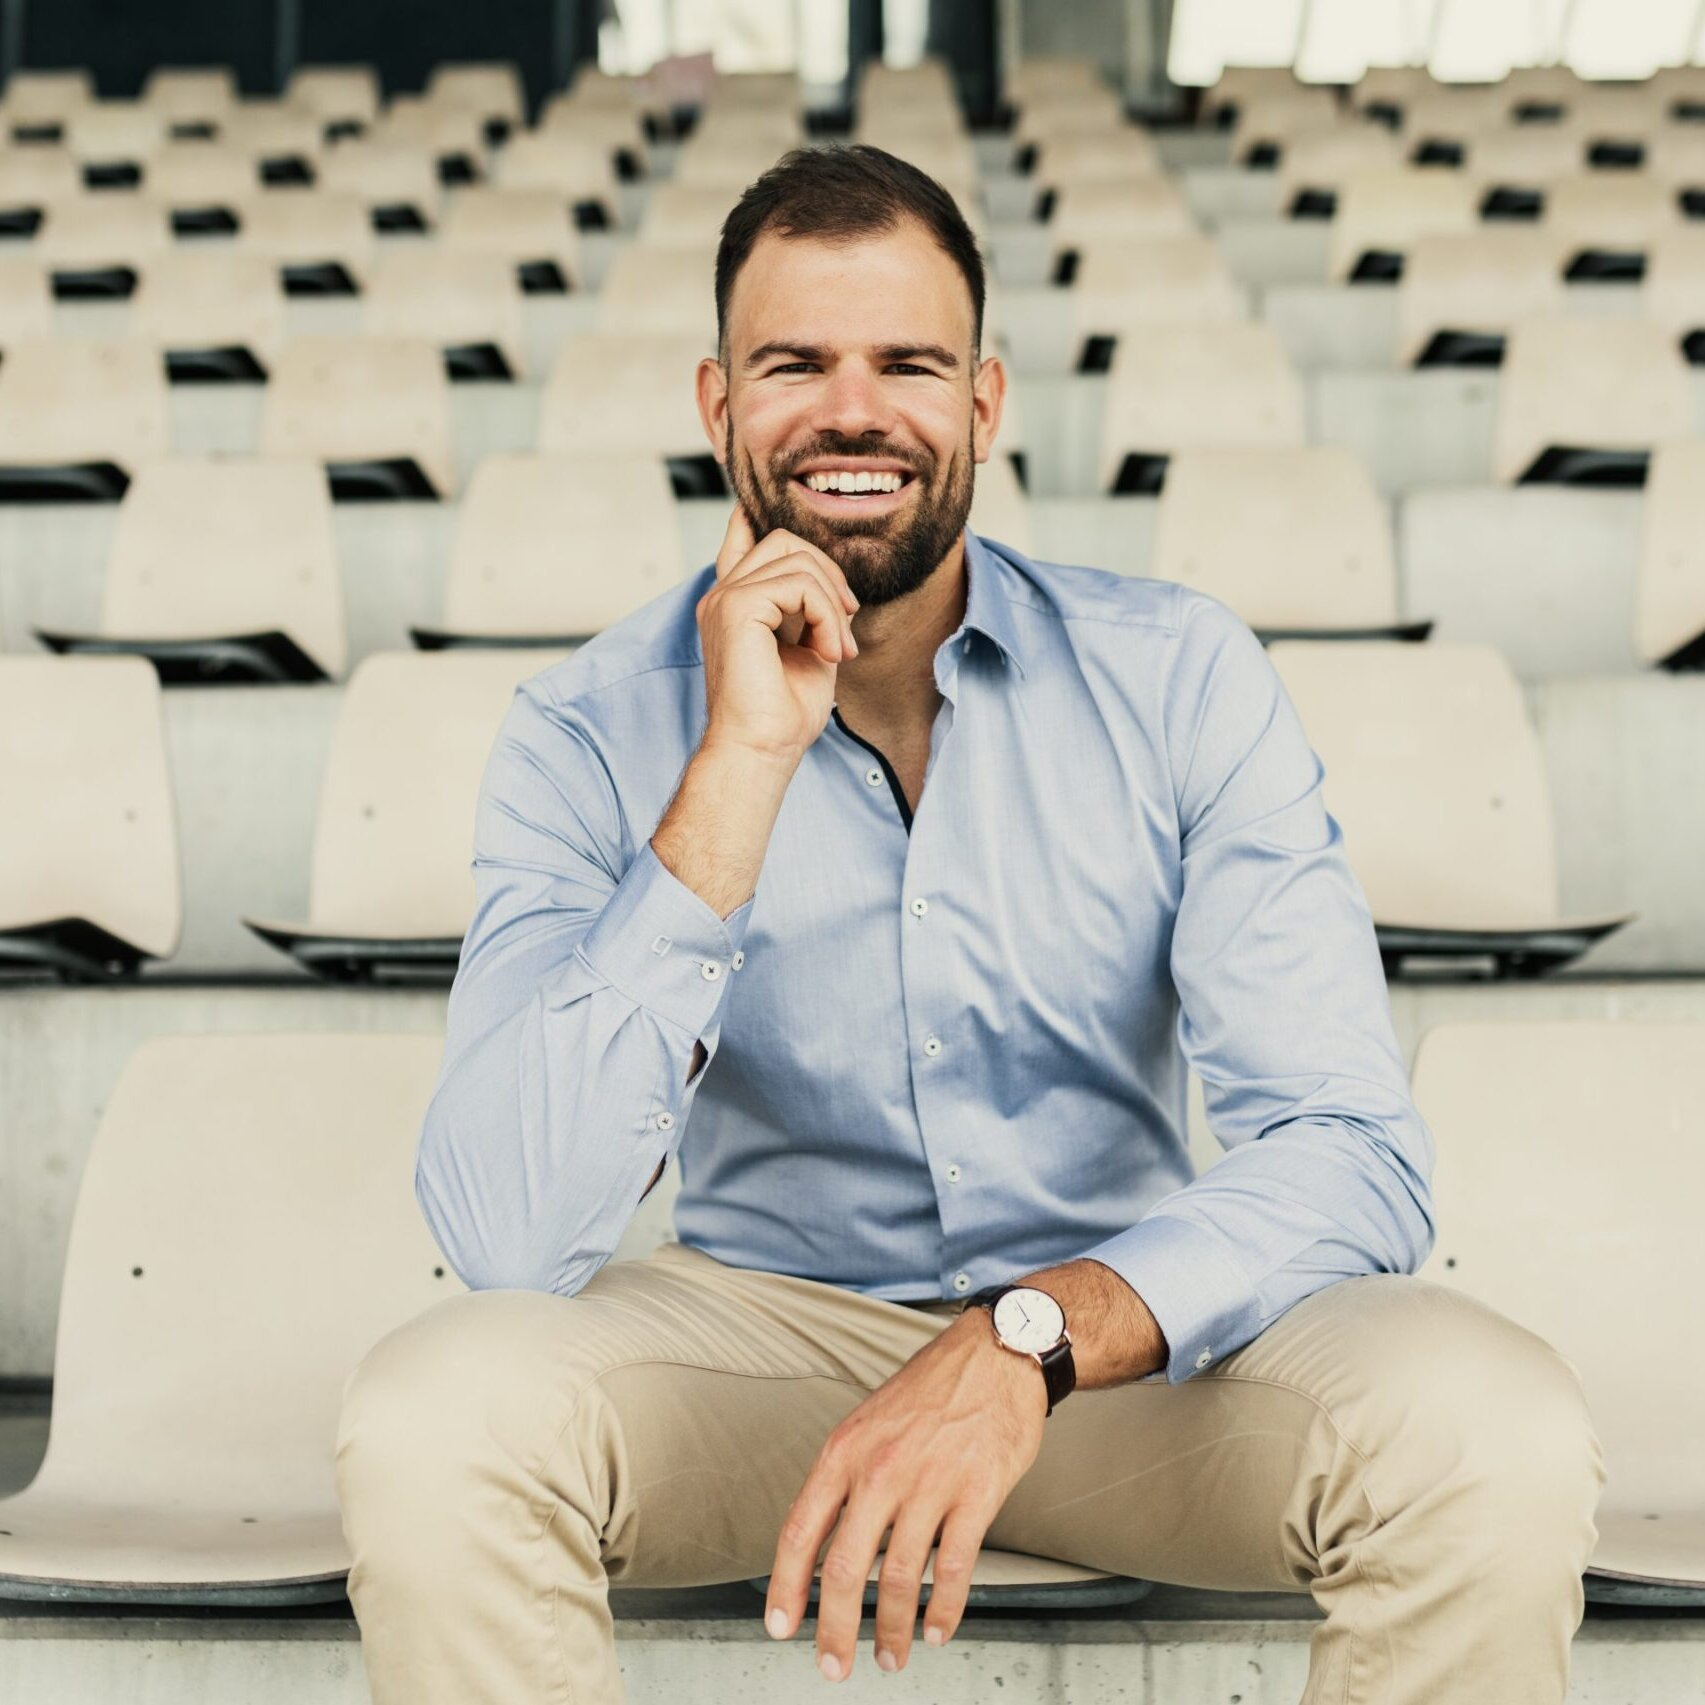 Portretfoto van roeier max planer op sport tribune